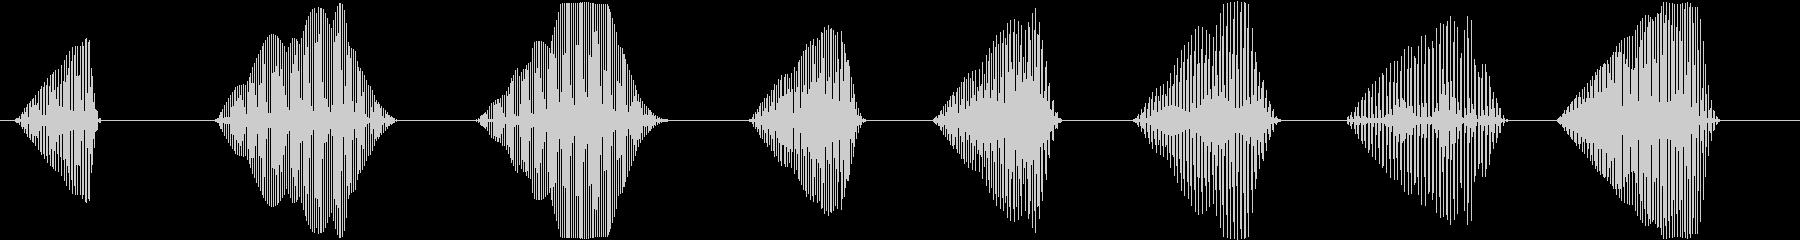 トーンベーススウェルダークの未再生の波形